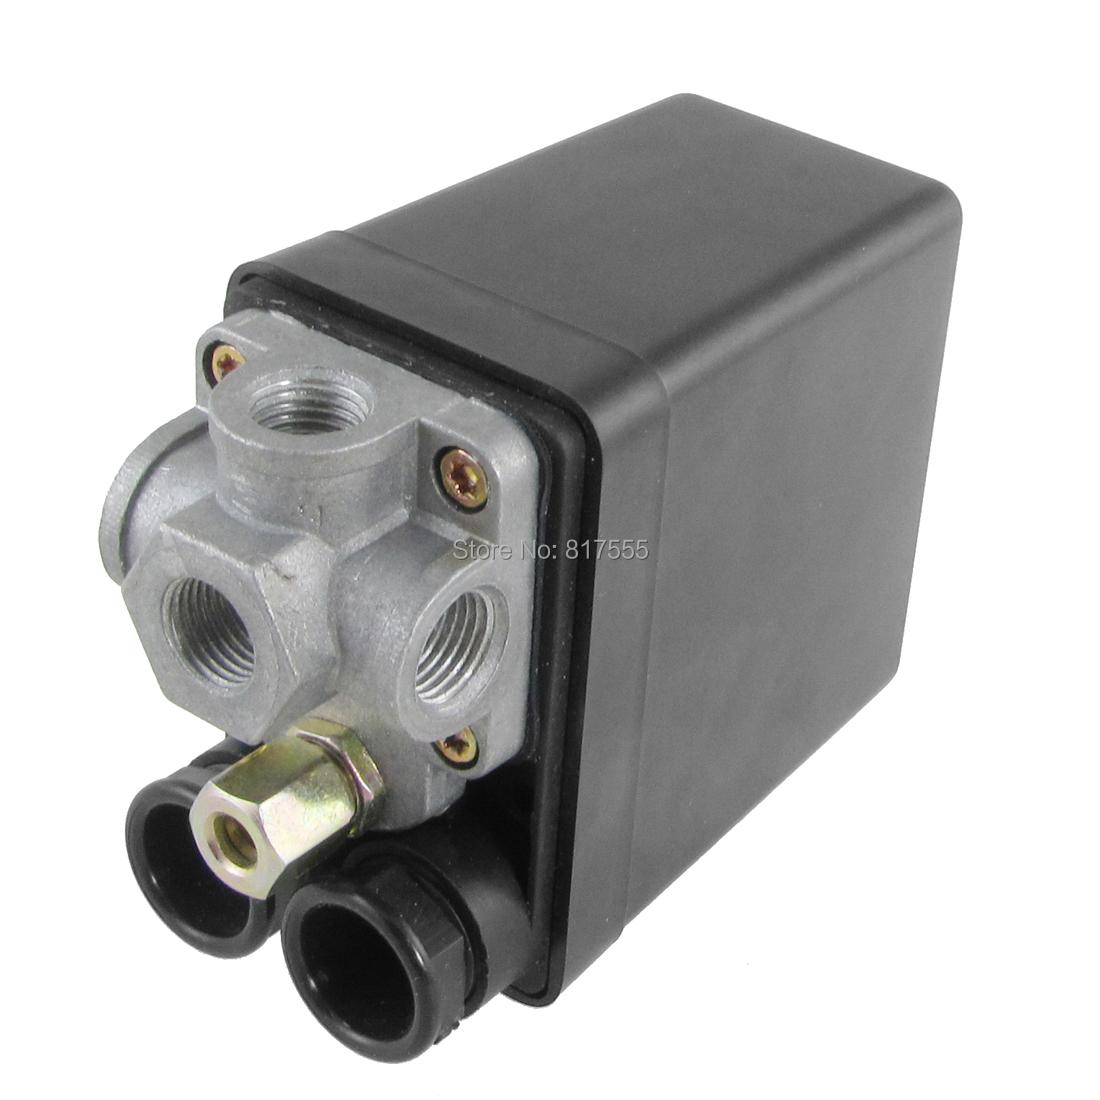 Переключатель давления UX Motor 175 PSI 240V 16A 4 50 a12022300ux0020 глушитель ux motor 63 2 50 2 5 50